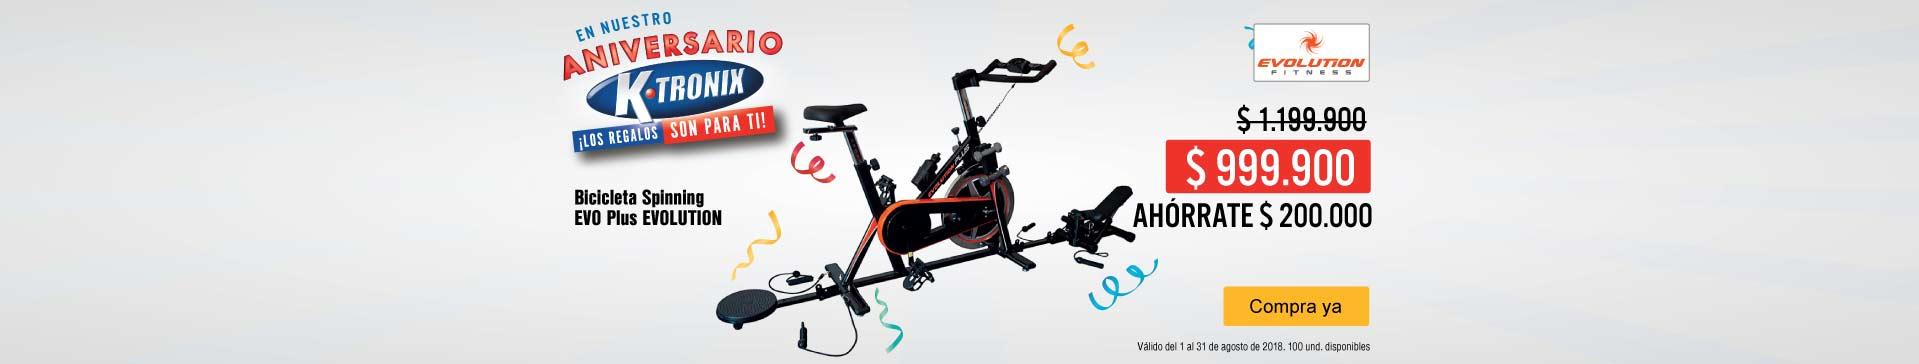 kt-bcat-2-deportes-pp-evolution-spinningevoplus-ago15